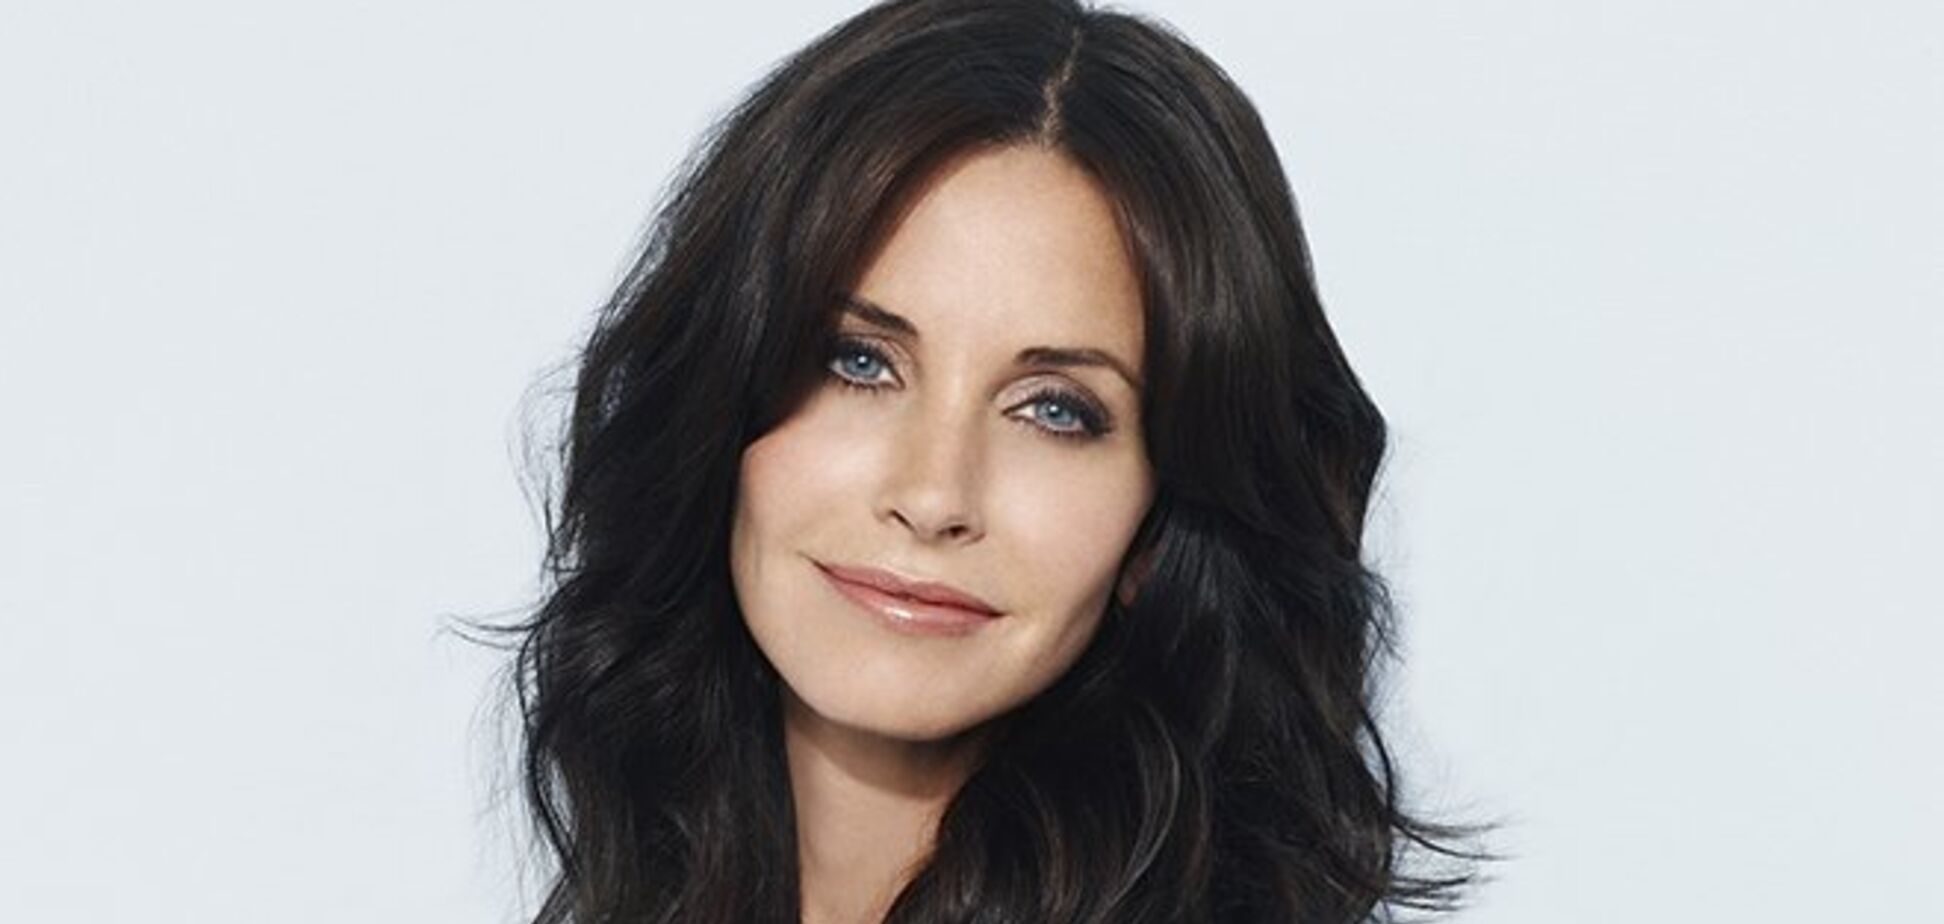 Кортни Кокс — 55: самые сексуальные фото голливудской актрисы